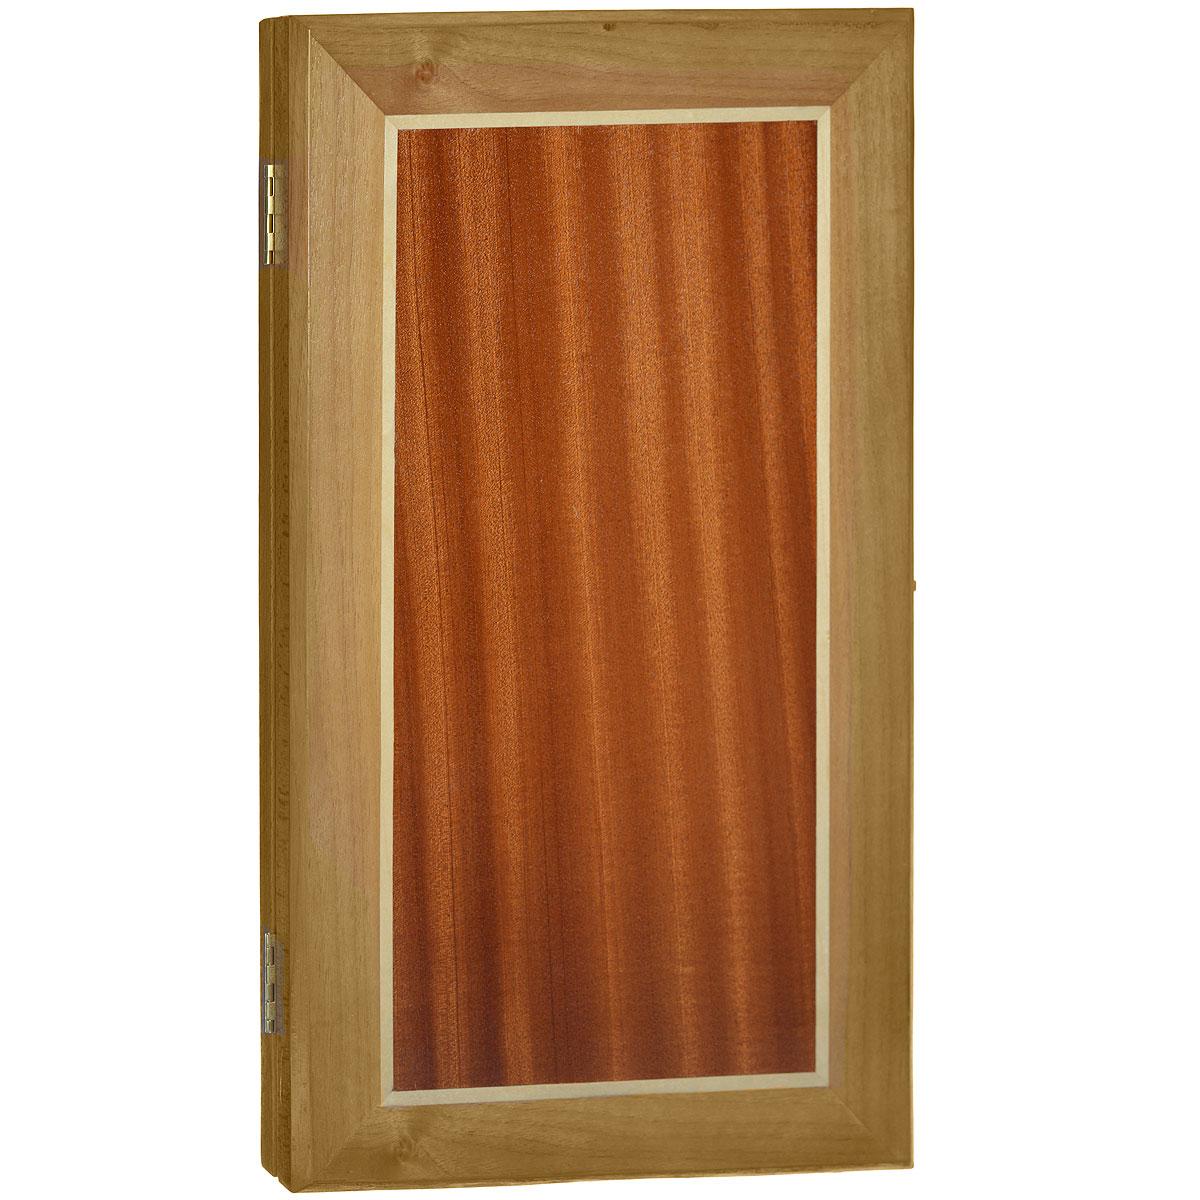 Нарды малые Квадрат, цвет: коричневый, размер: 48х28х5 см. 10051005